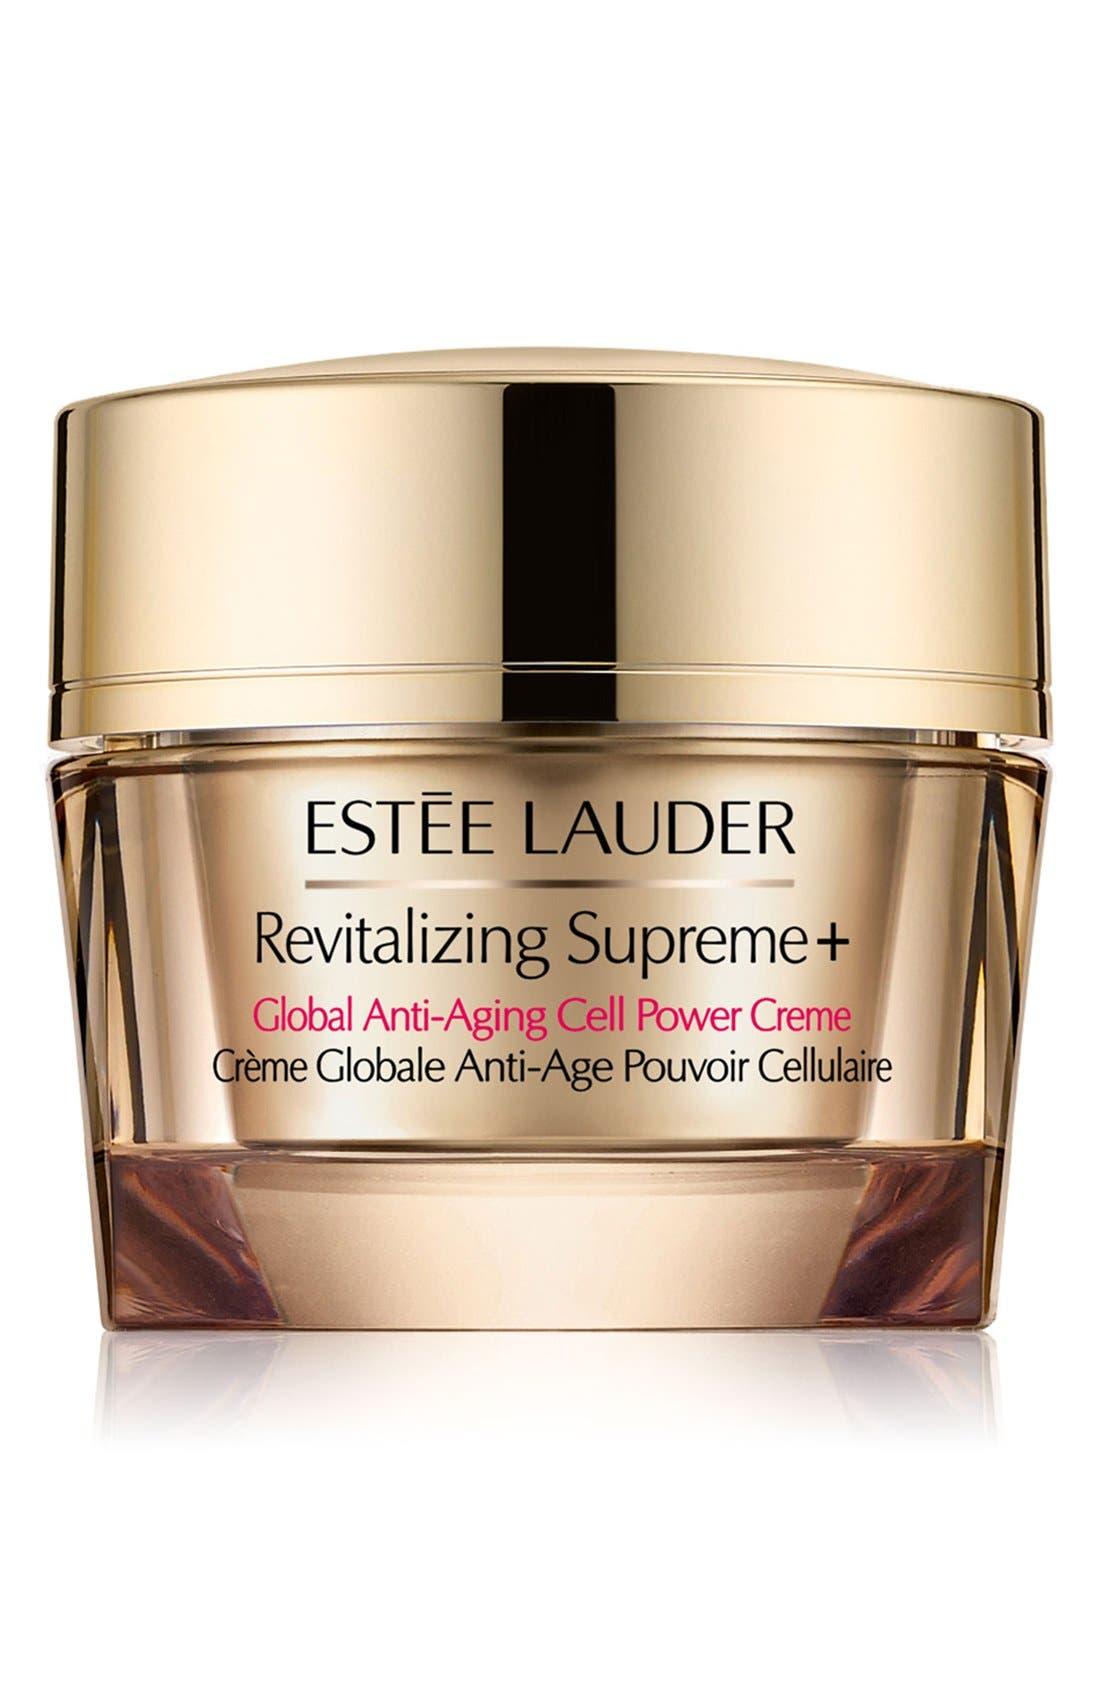 ESTÉE LAUDER, Revitalizing Supreme+ Global Anti-Aging Cell Power Creme, Main thumbnail 1, color, NO COLOR